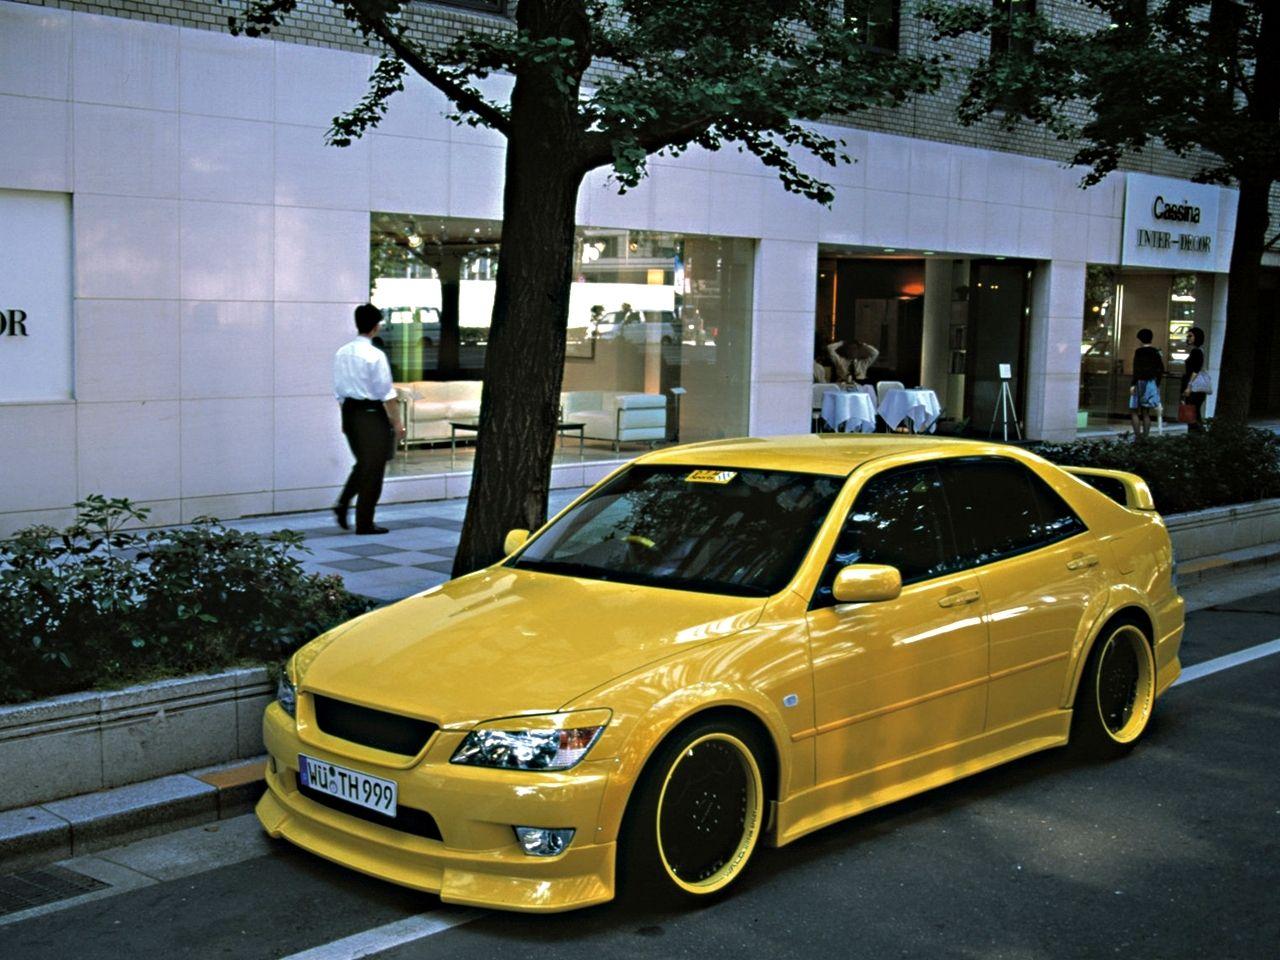 Genial Yellow Toyota Altezza